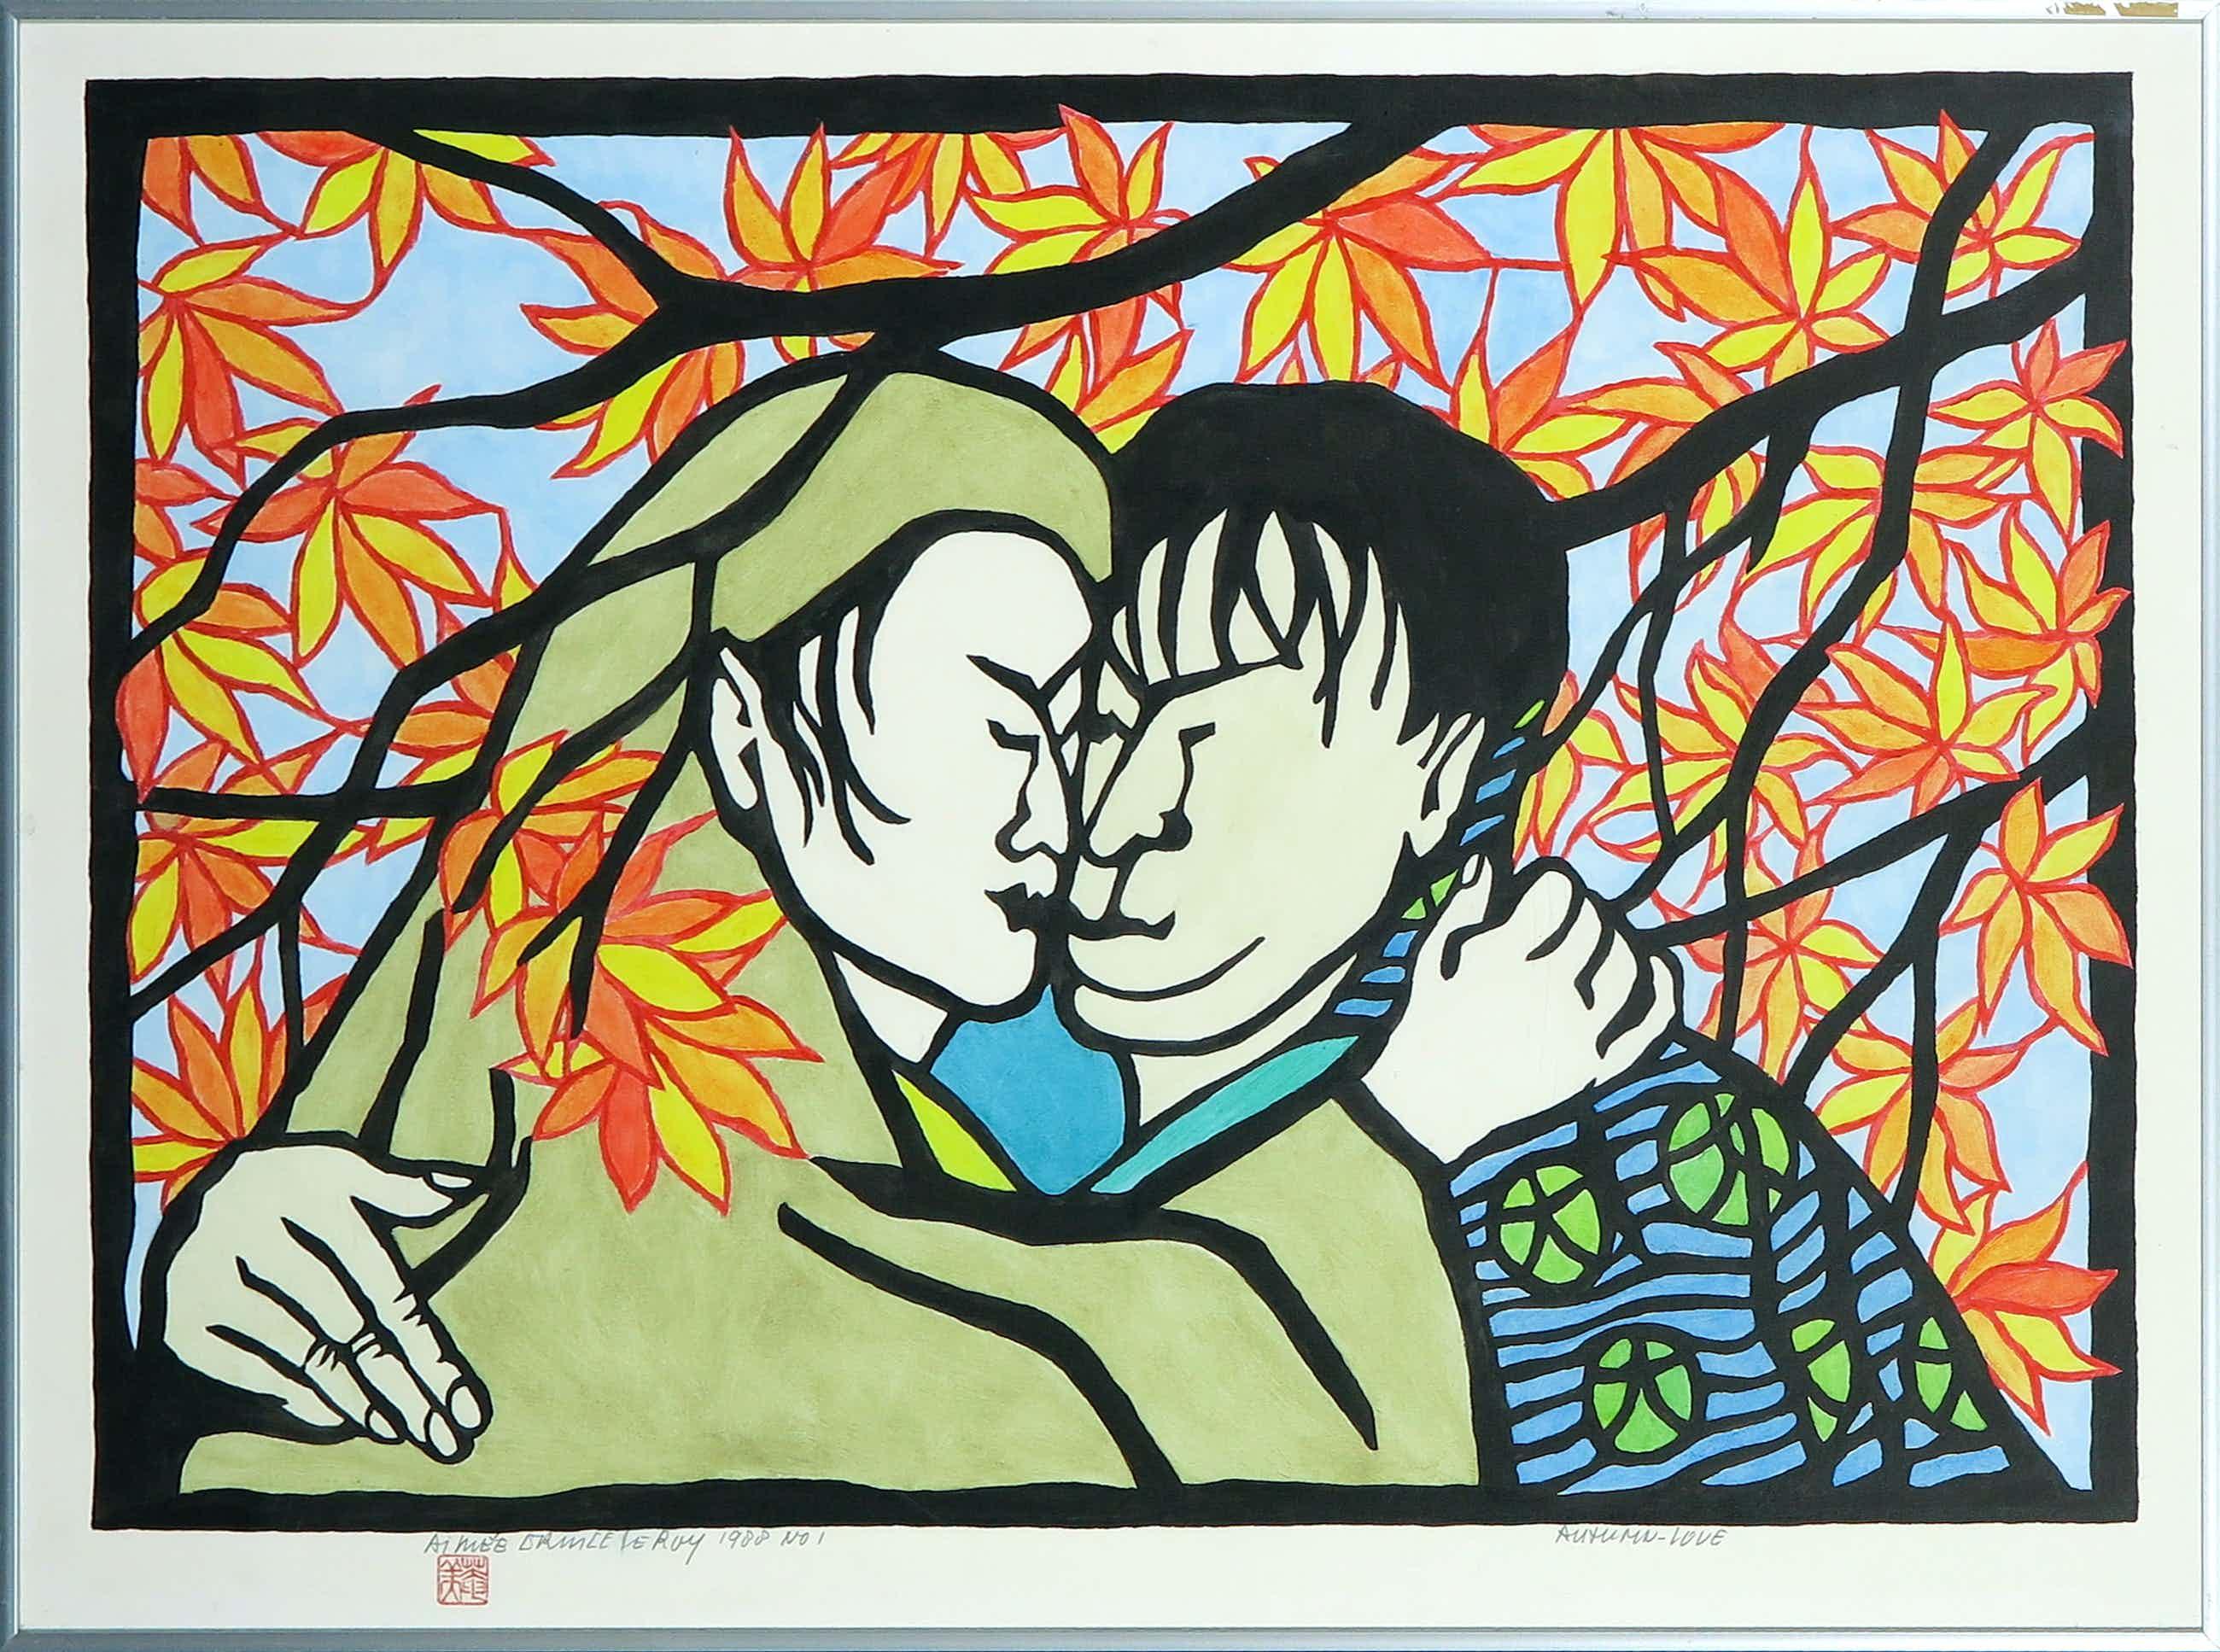 Aimee Crince le Roy - Met de hand bewerkte houtdruk, Autumn-love - Ingelijst kopen? Bied vanaf 40!